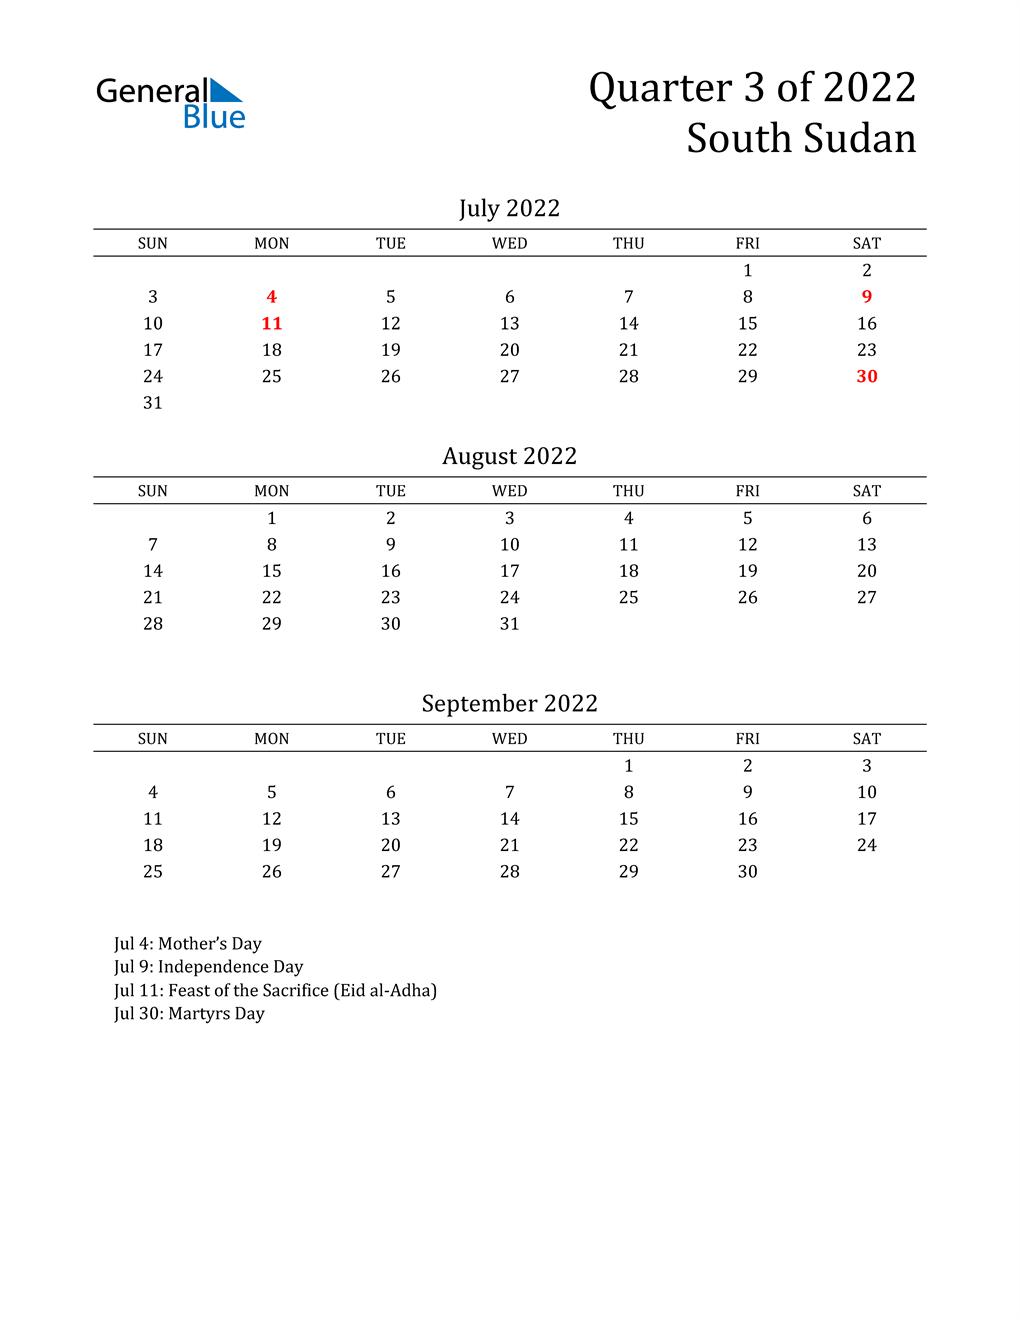 2022 South Sudan Quarterly Calendar